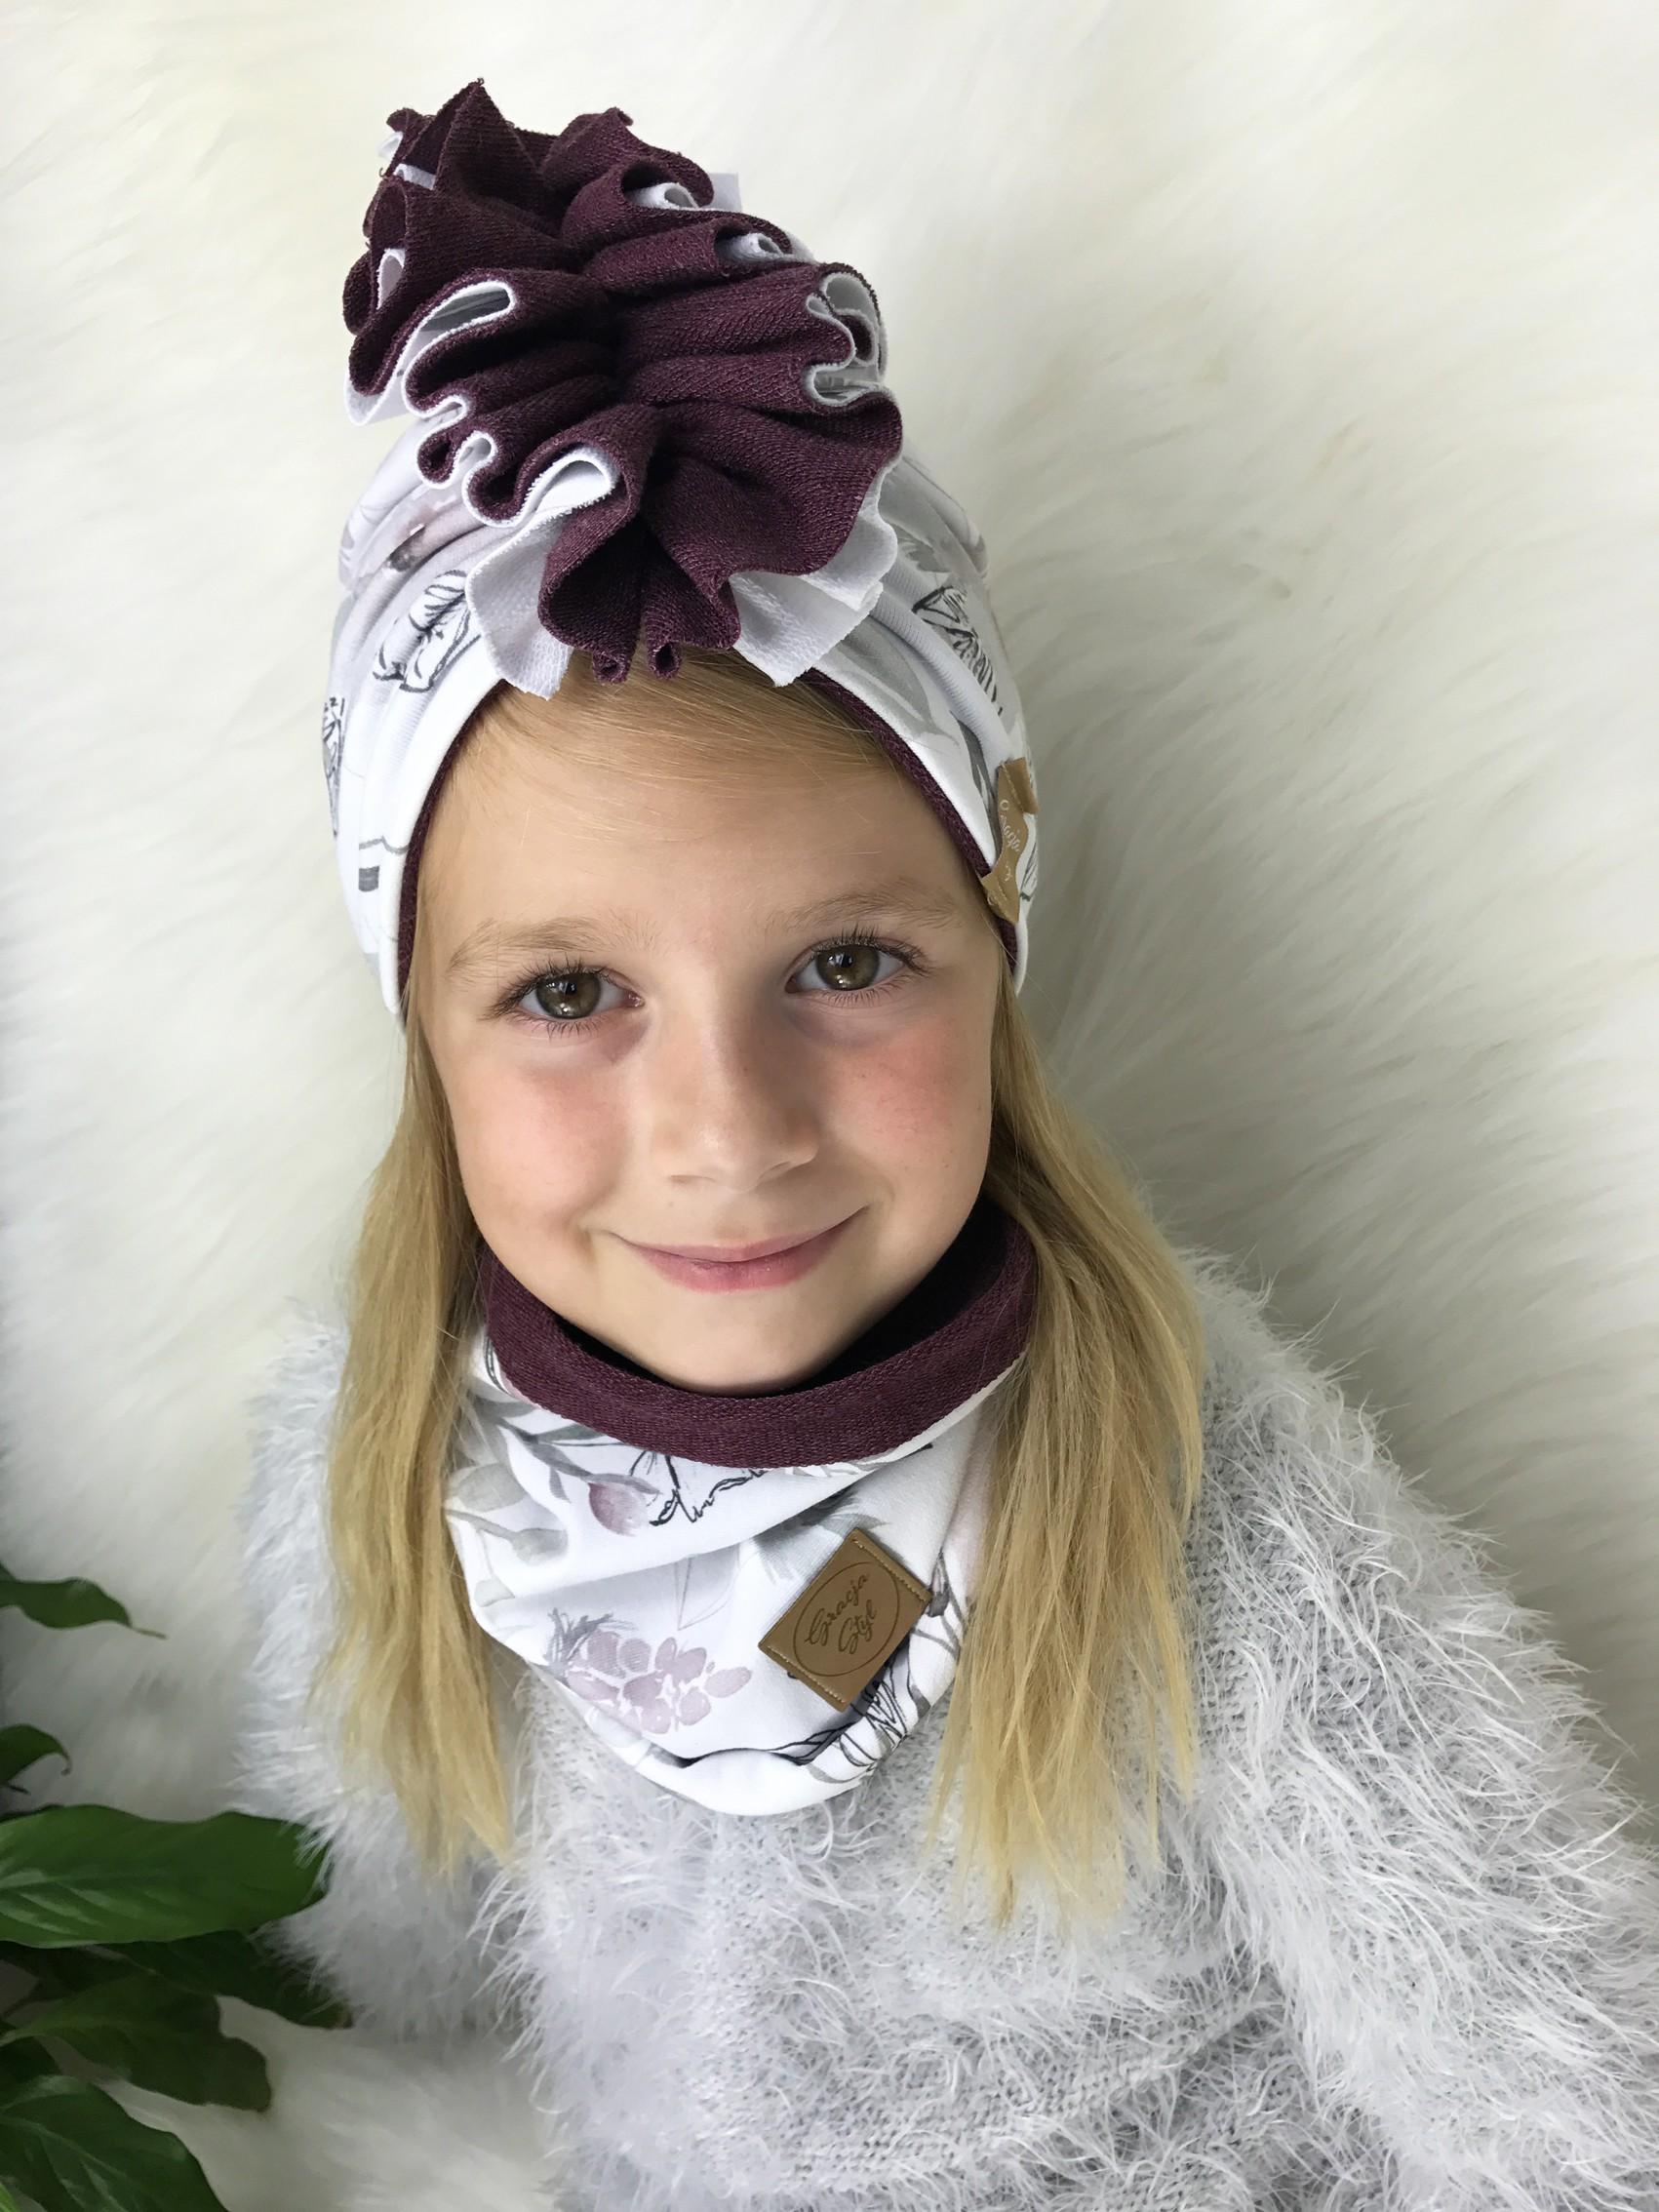 Zestaw Turban + Komin dla dzieci duo kolor Flowers + bordo